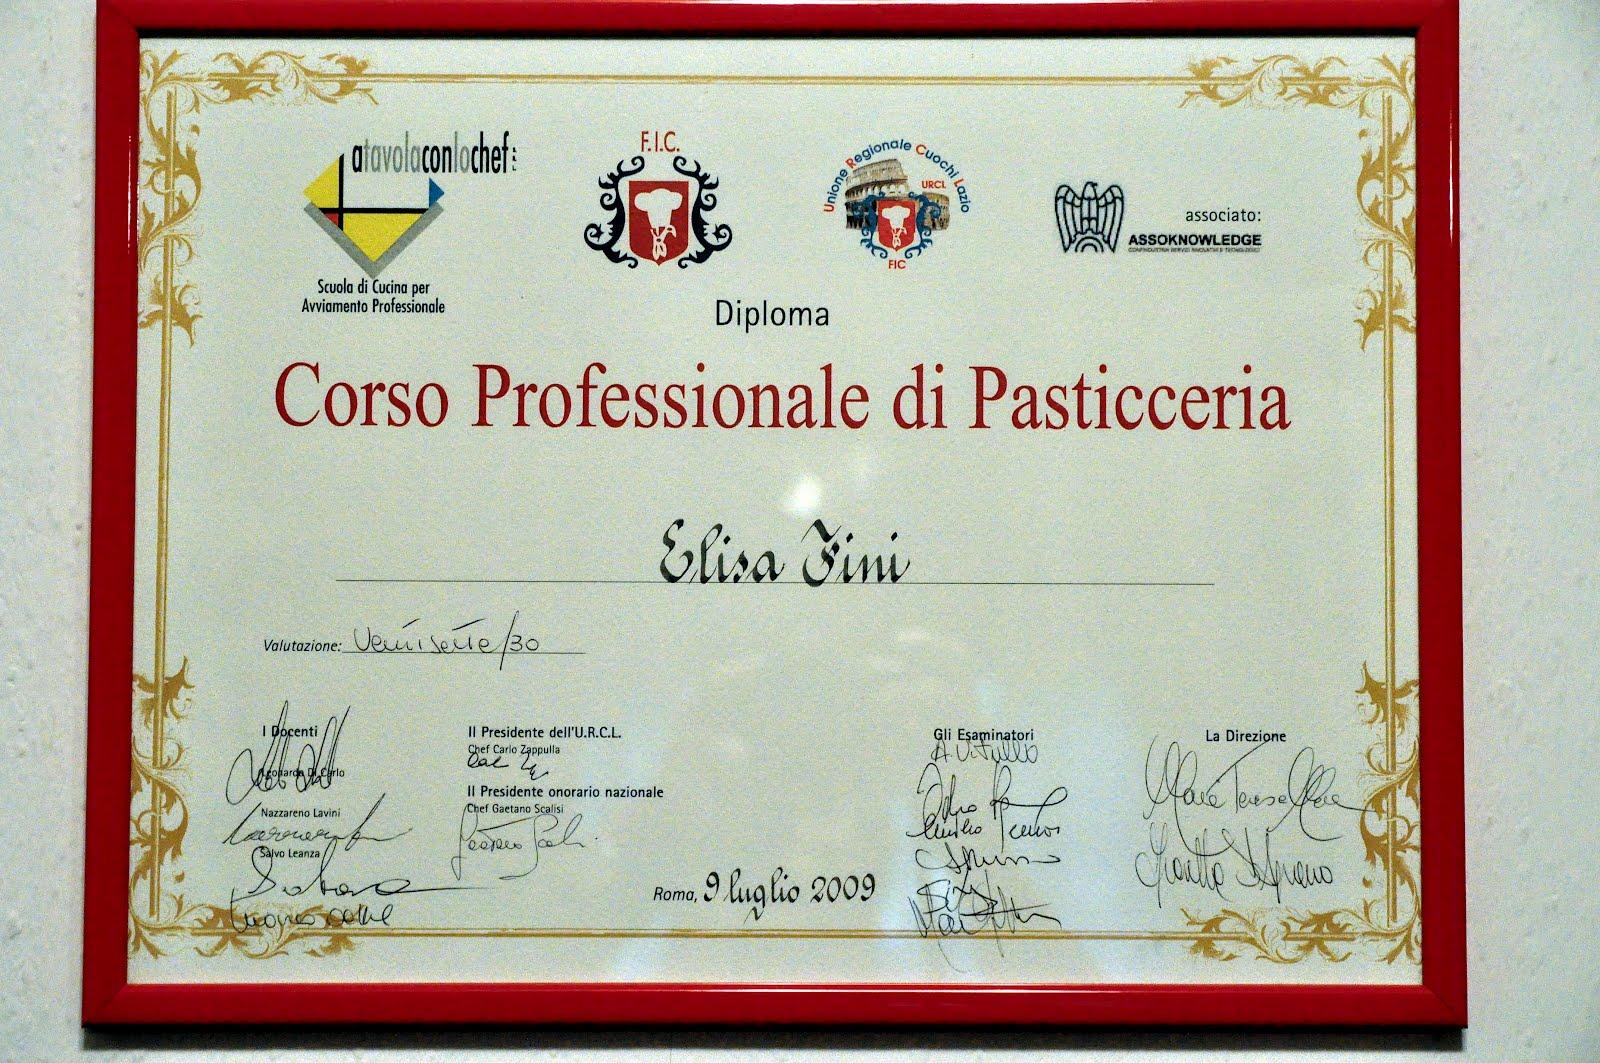 Accademia di elisa luglio 2009 - Accademia di cucina ...